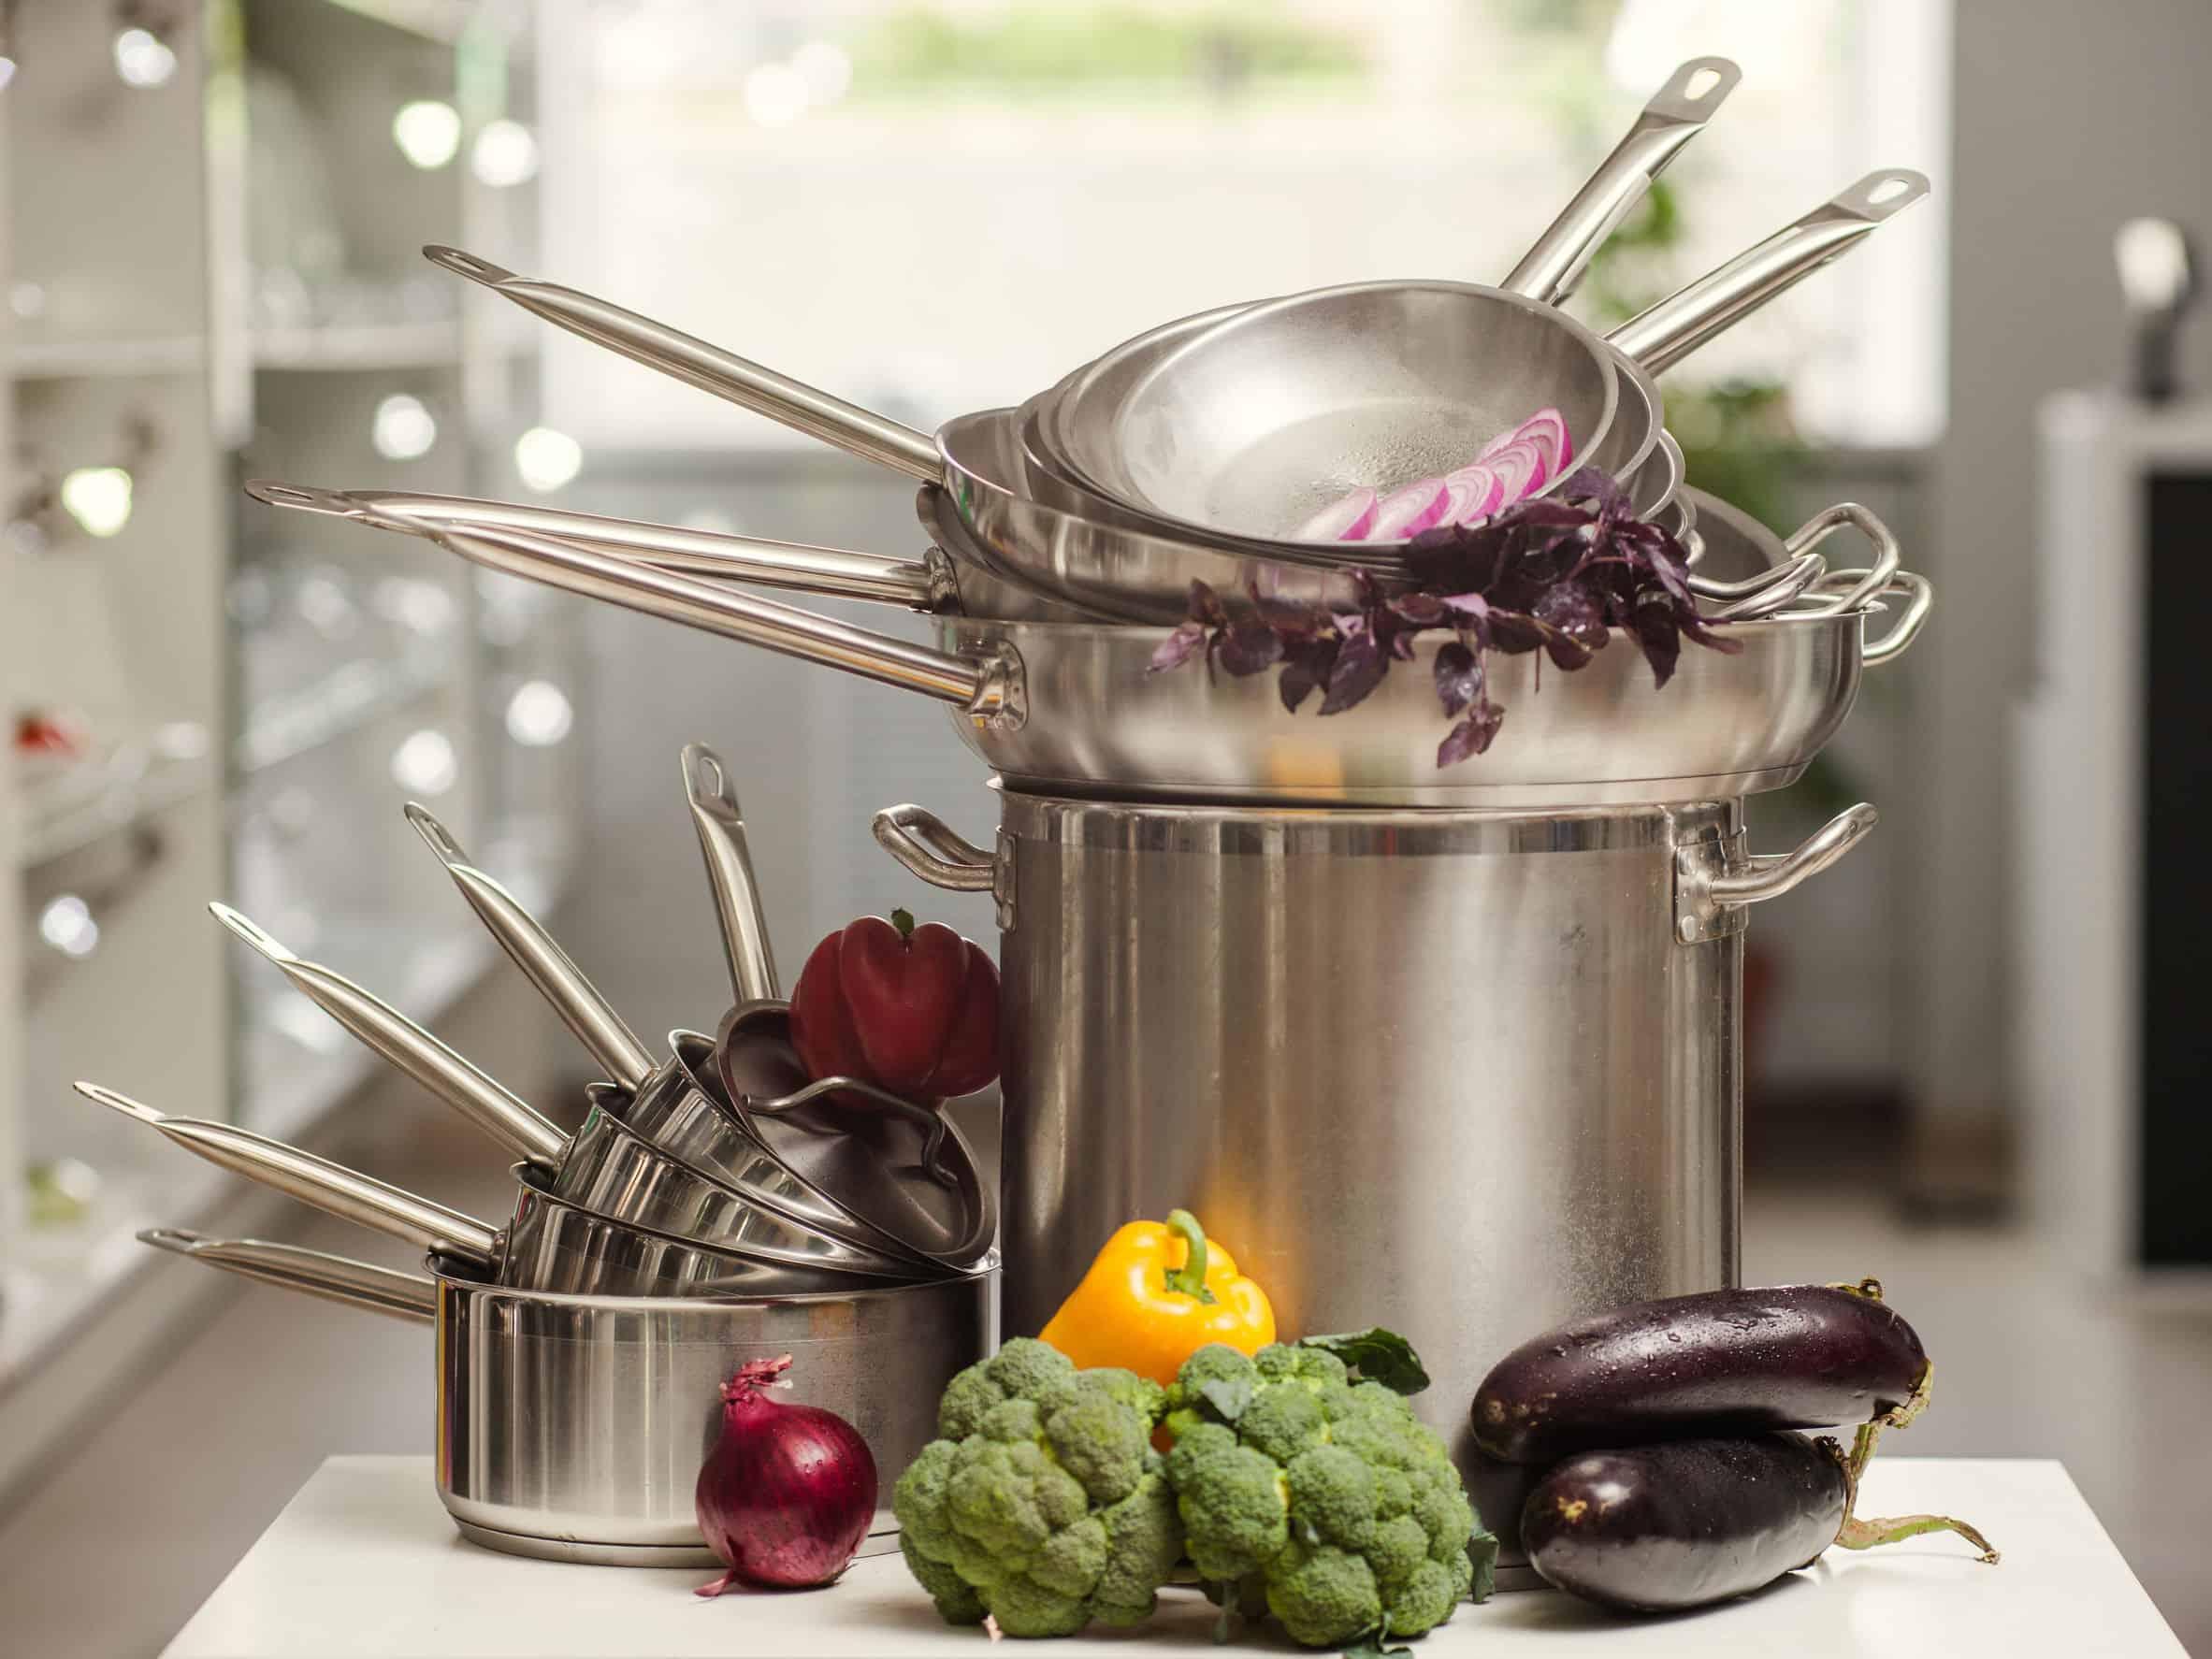 set steelpannen in de keuken